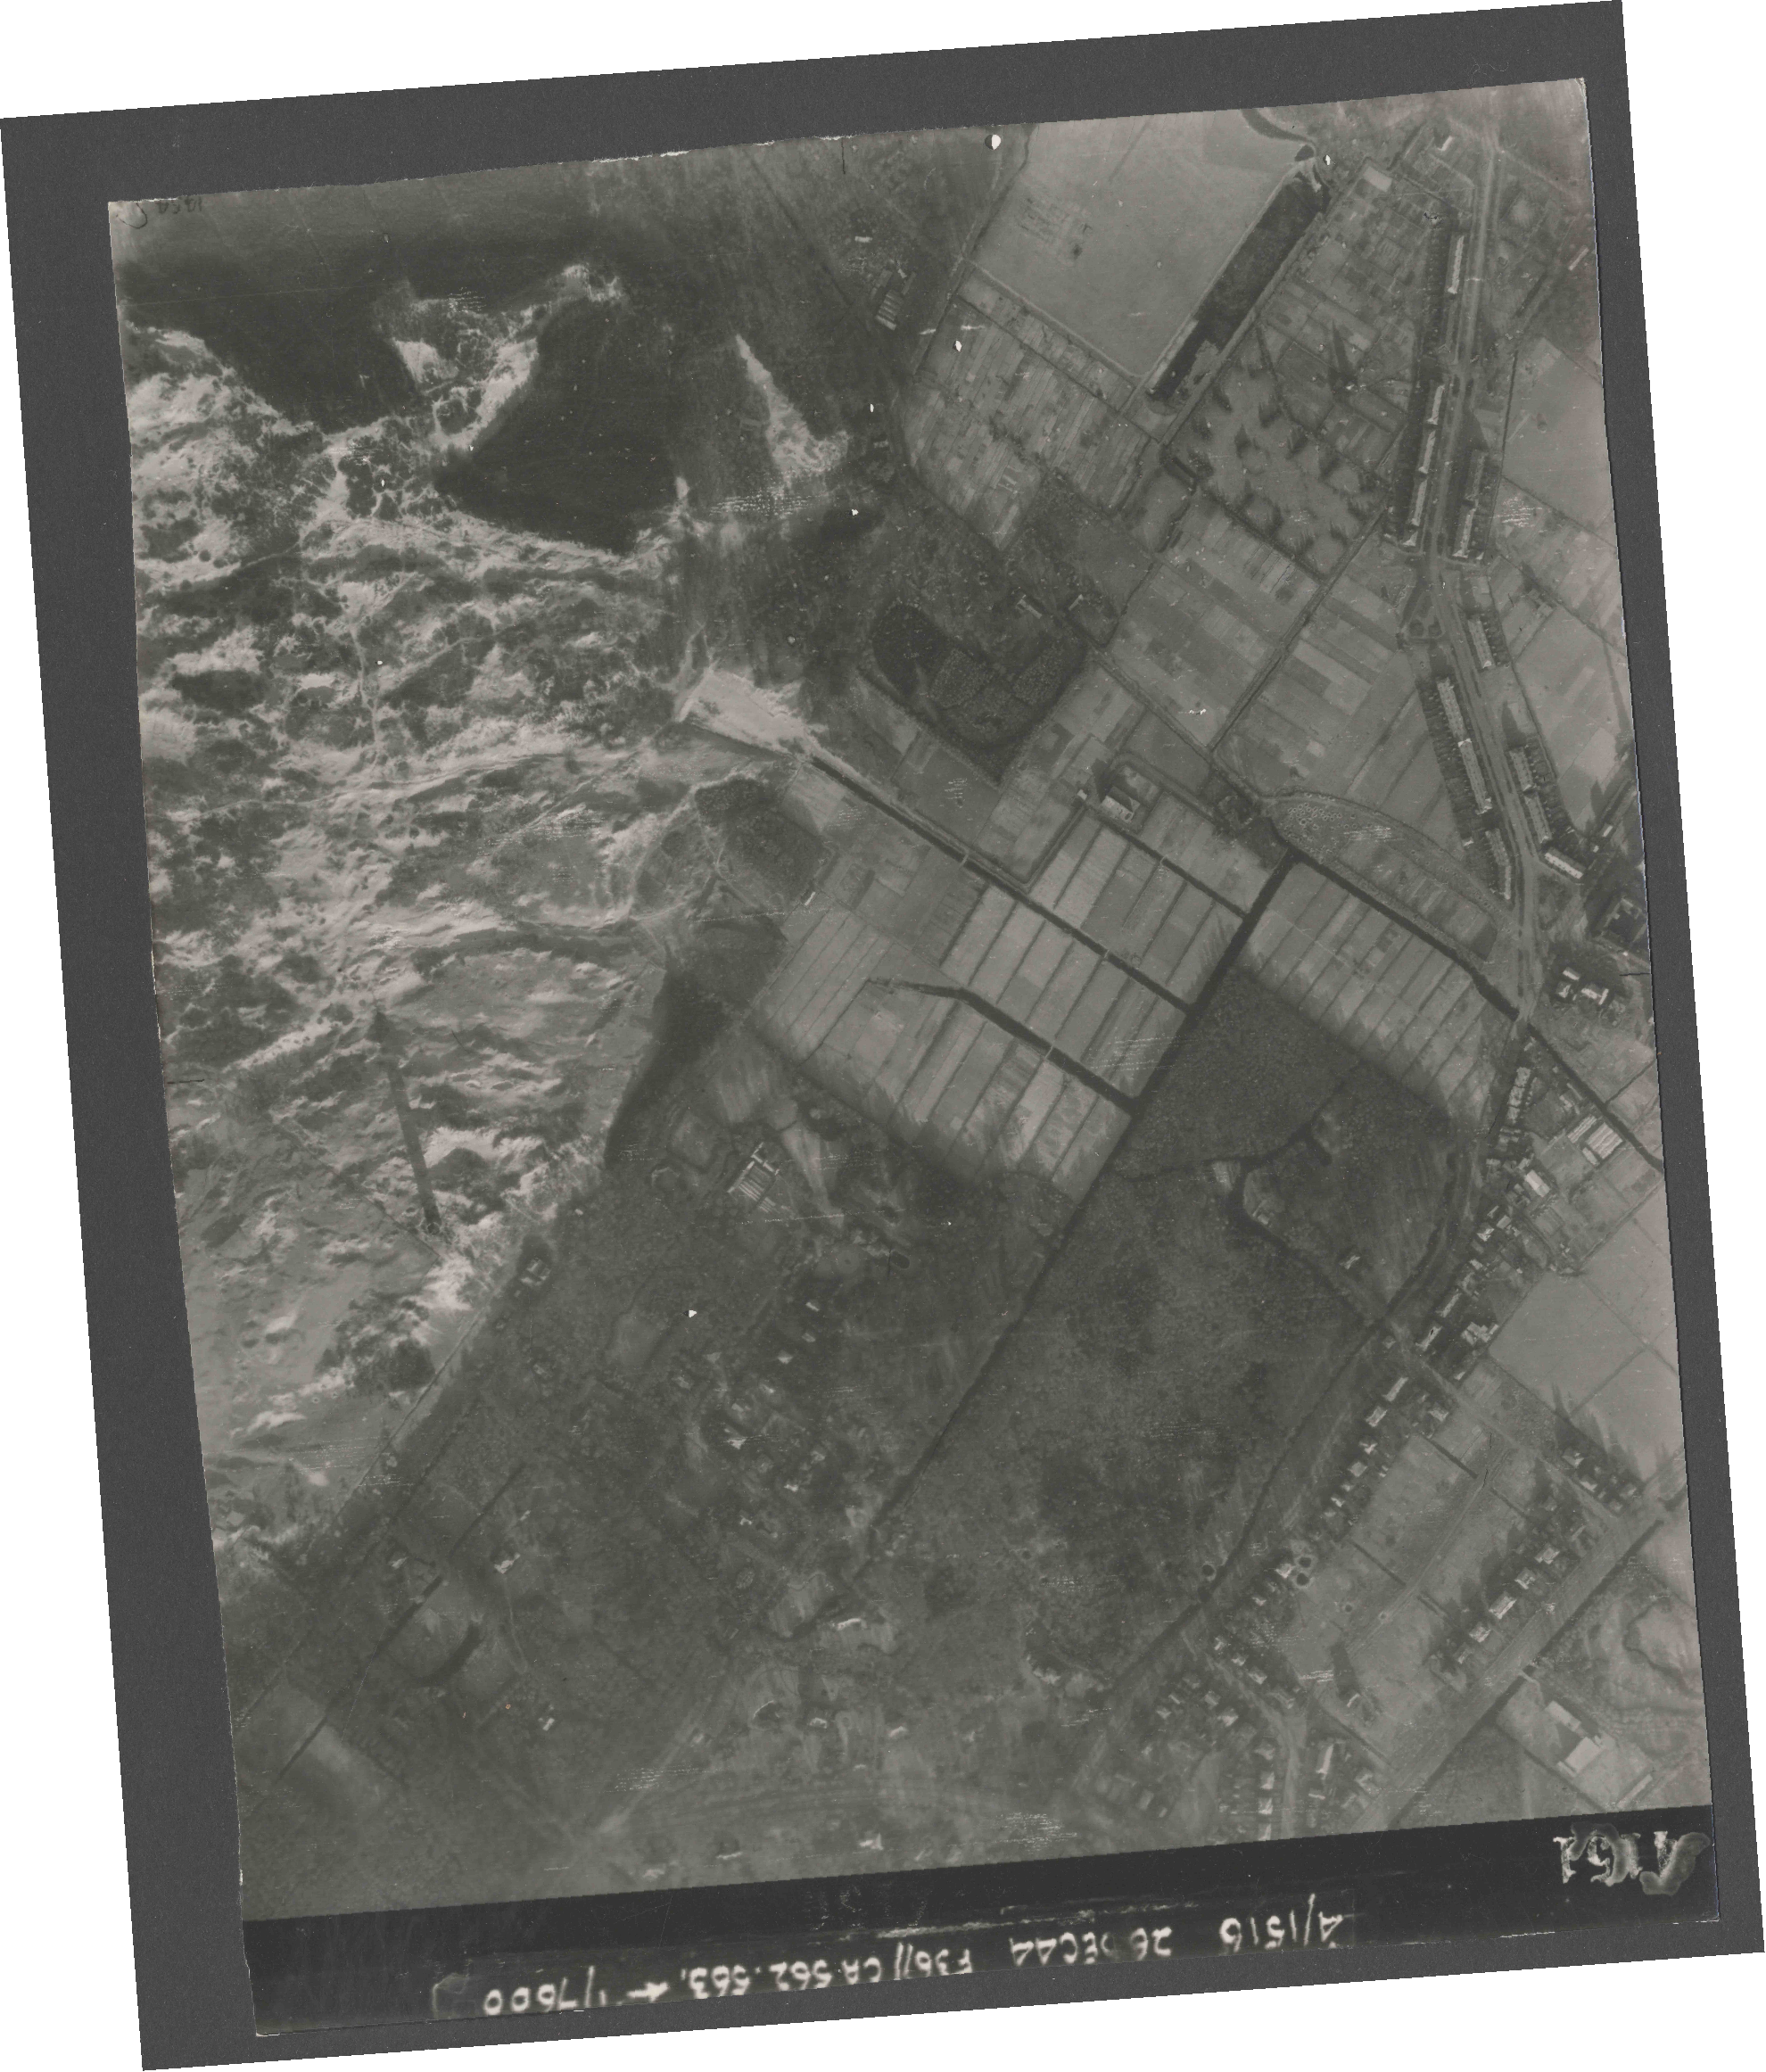 Collection RAF aerial photos 1940-1945 - flight 152, run 06, photo 4151